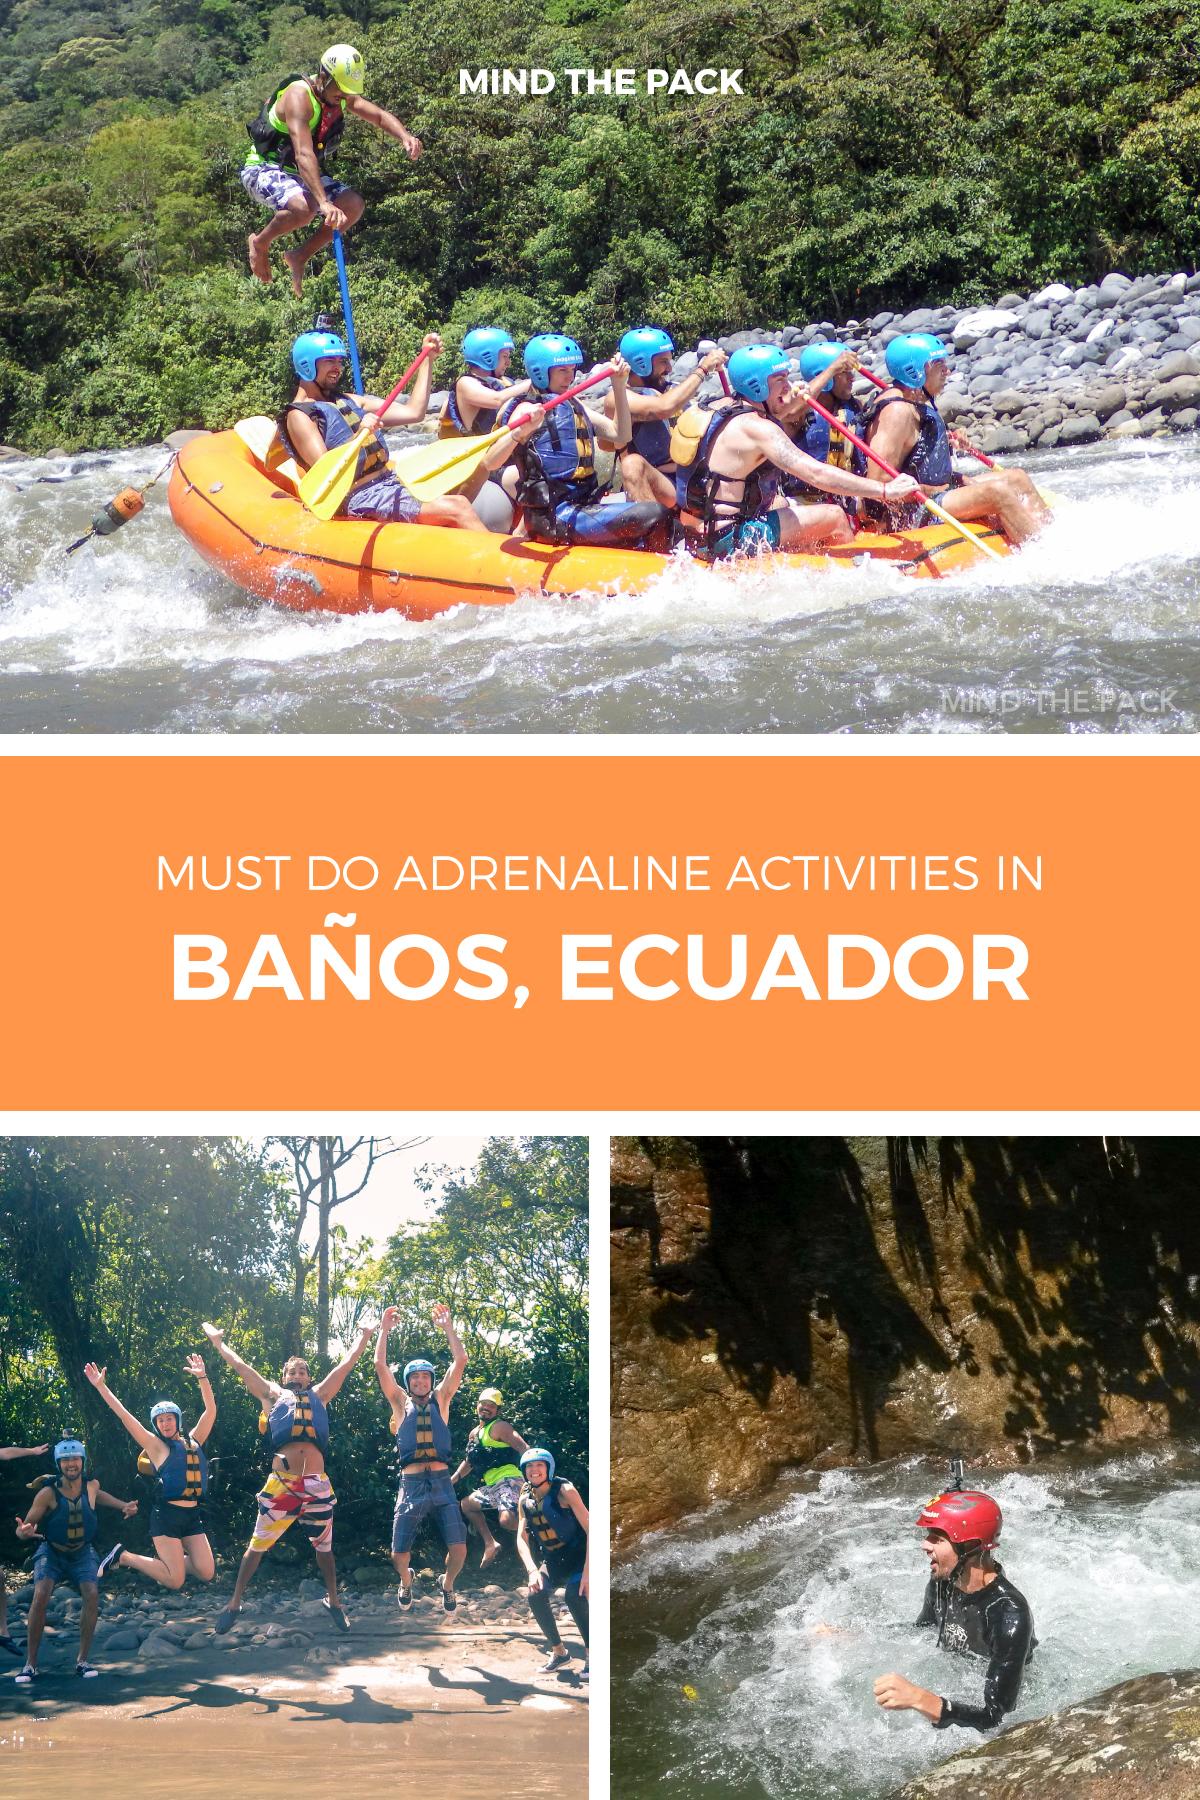 Must do adrenaline activities in Banos